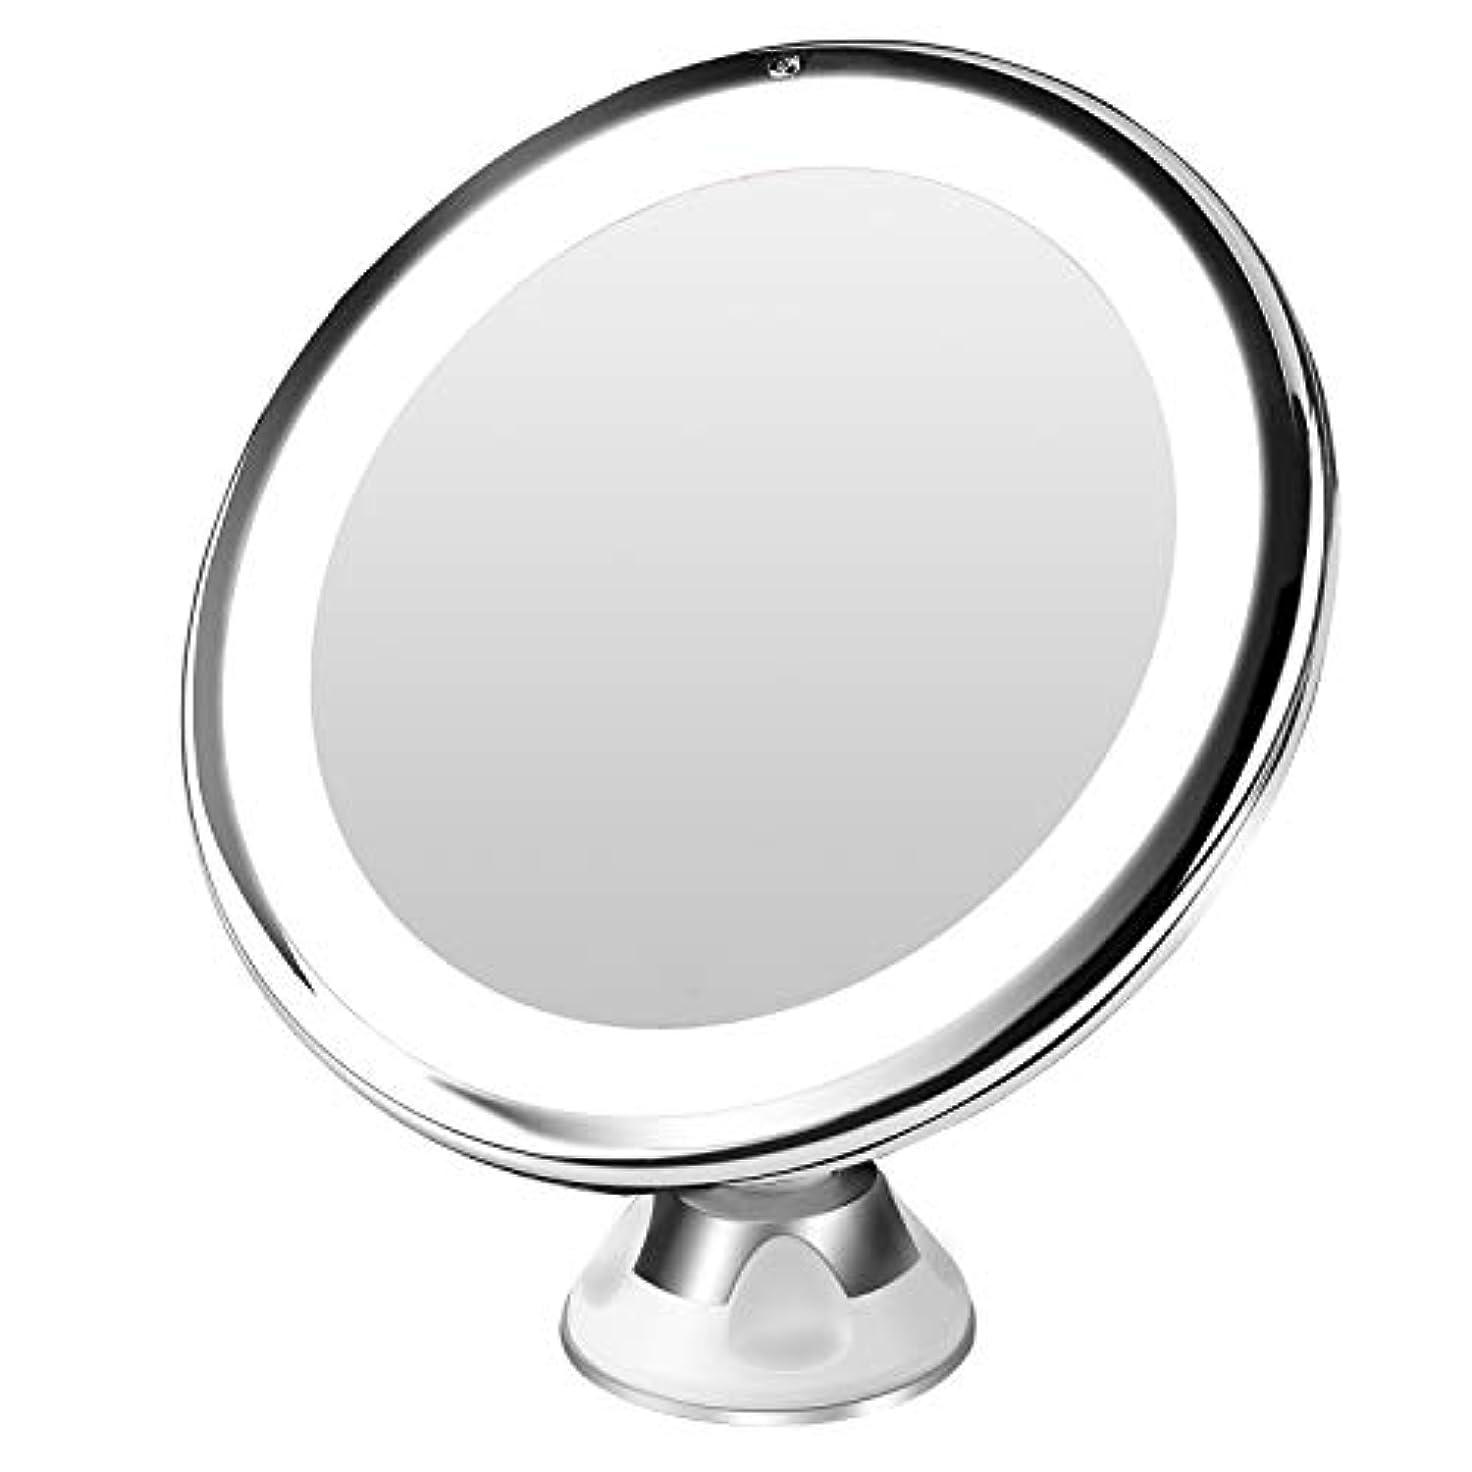 コードレスめる週末BESTOPE 10倍拡大鏡 LED化粧鏡 浴室鏡 卓上鏡 曇らないミラー 吸盤ロック付きLEDミラー 壁掛けメイクミラー 360度回転スタンドミラー 単四電池&USB給電(改良版)